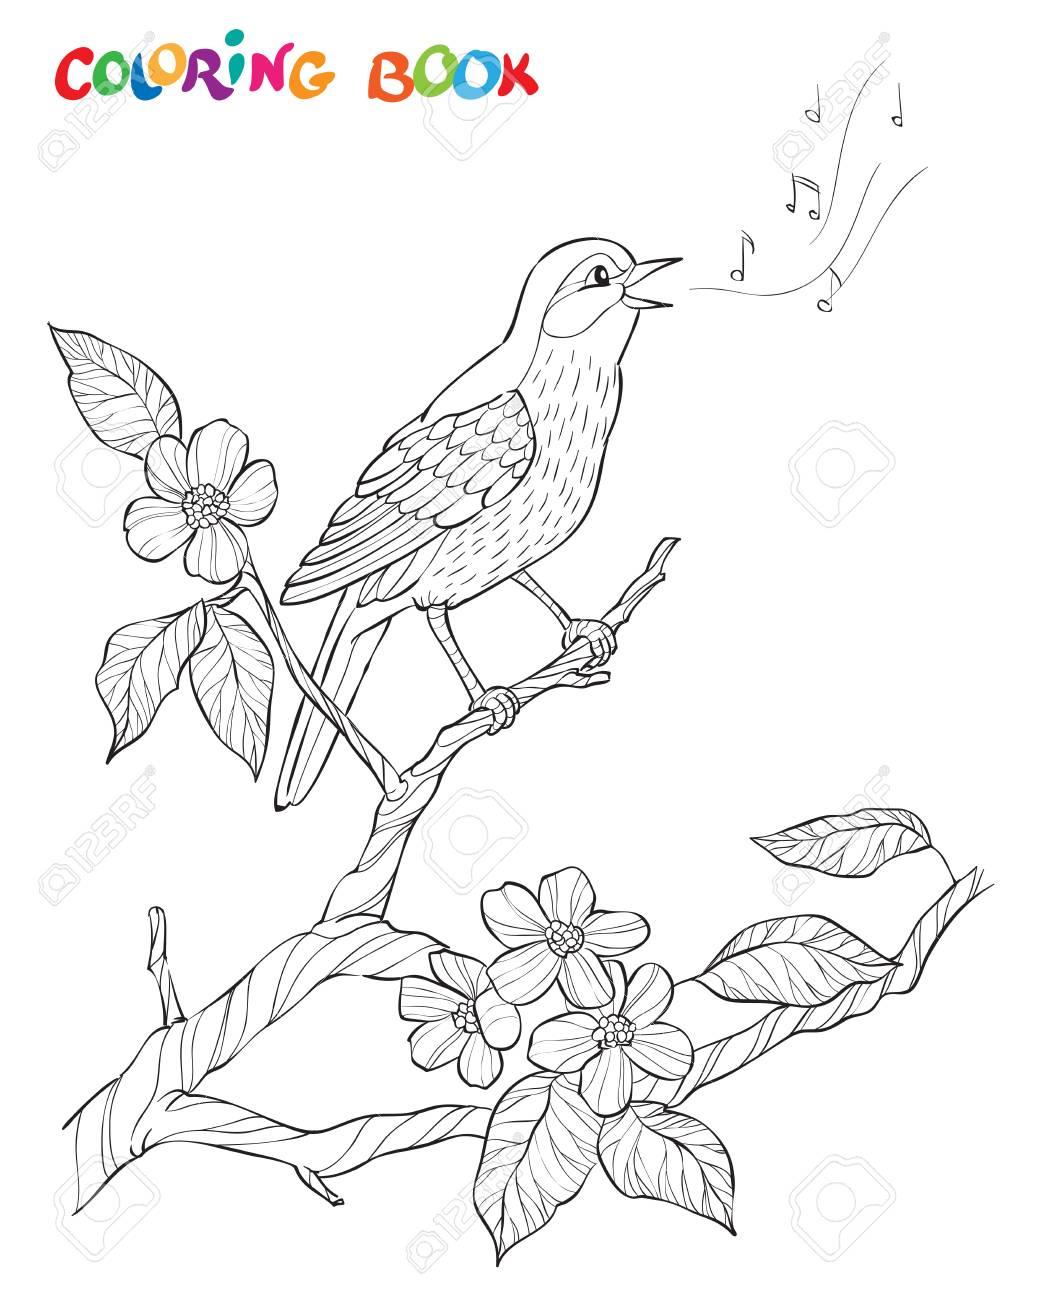 Composición Del Jardín De La Primavera Un Pájaro Canta En Una Rama De La Floración Ilustración Blanco Y Negro Decorativo Adornado Página Para